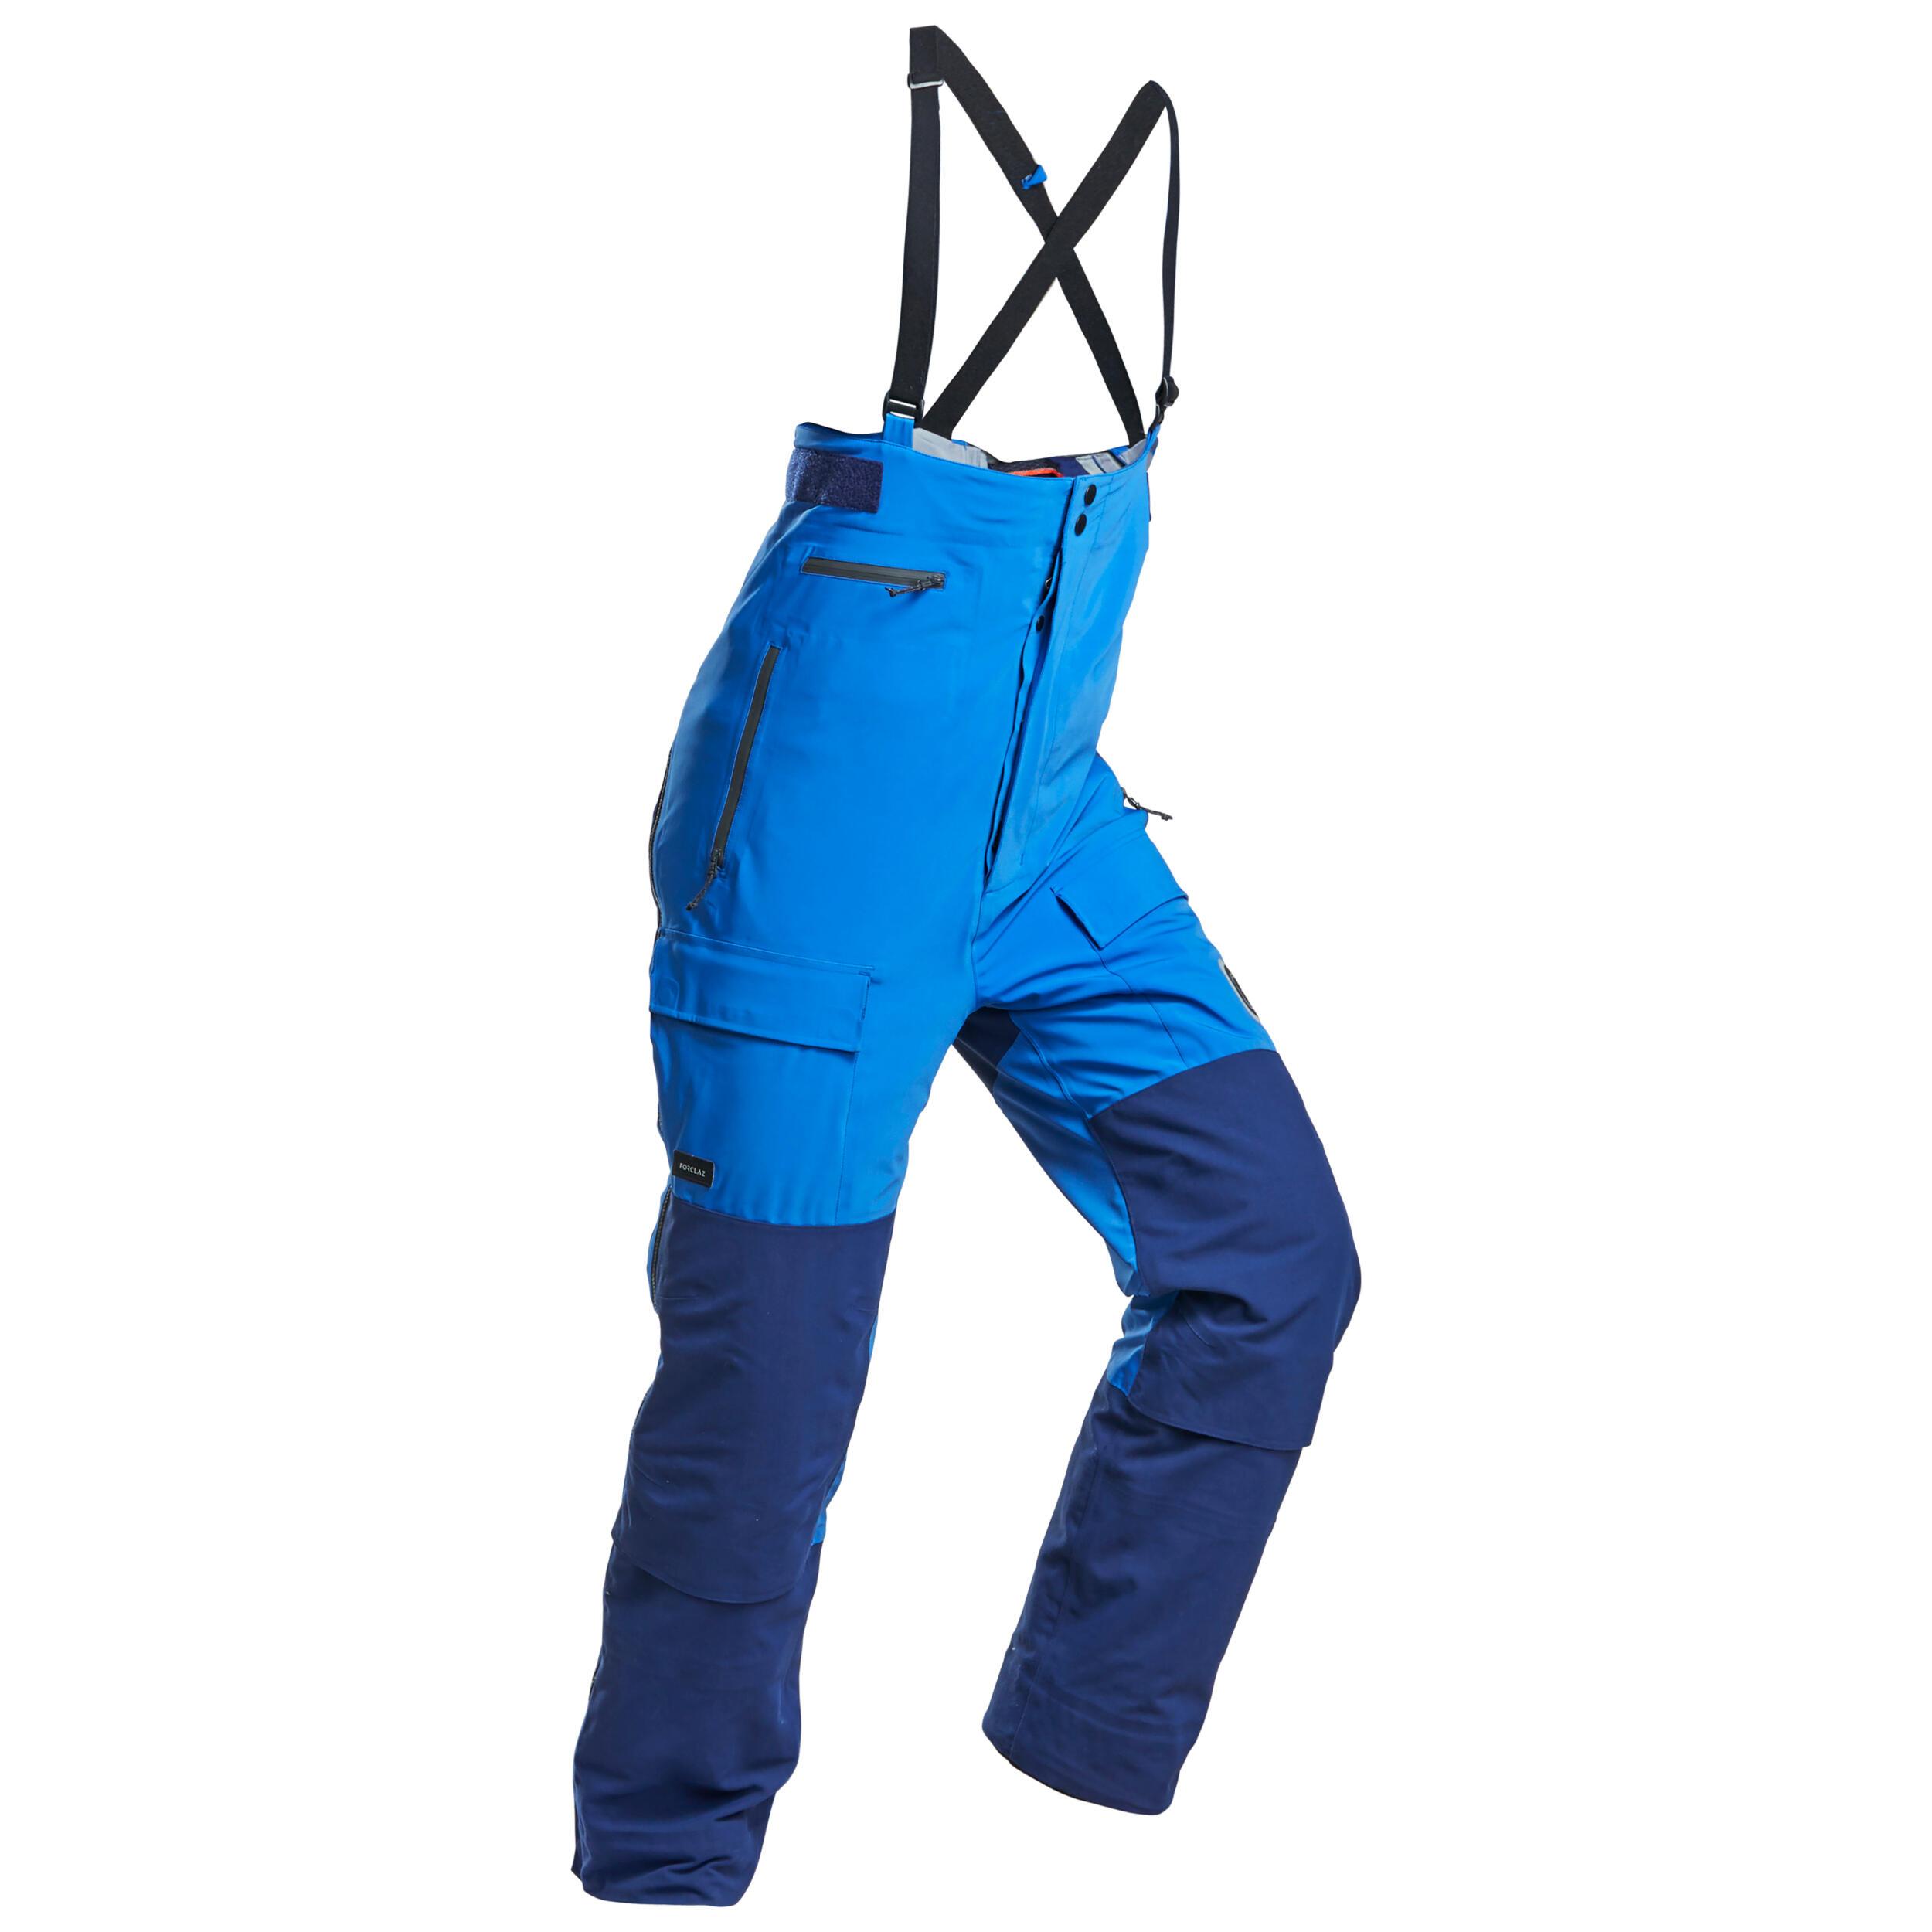 Regalos para montañeros aventureros